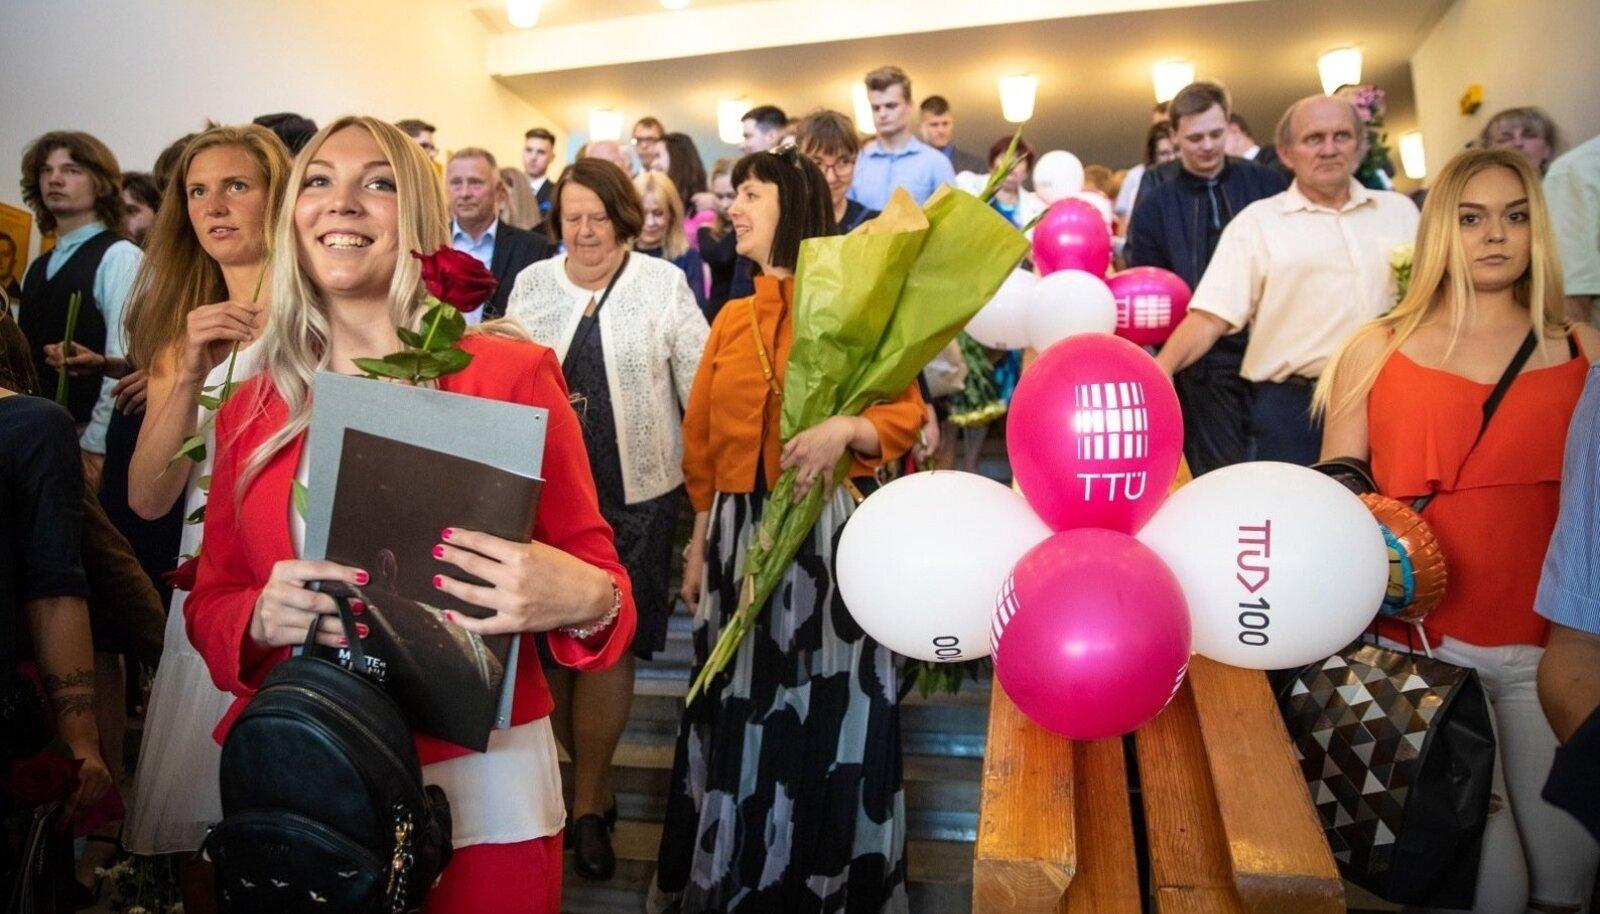 Eile said diplomid kätte õnnelikud Tallinna tehnikaülikooli inseneriteaduskonna lõpetajad. Nii nemad kui ka nende õnnitlejad võivad rõõmustada: lõpetajatele jätkub tulevikus tööd.